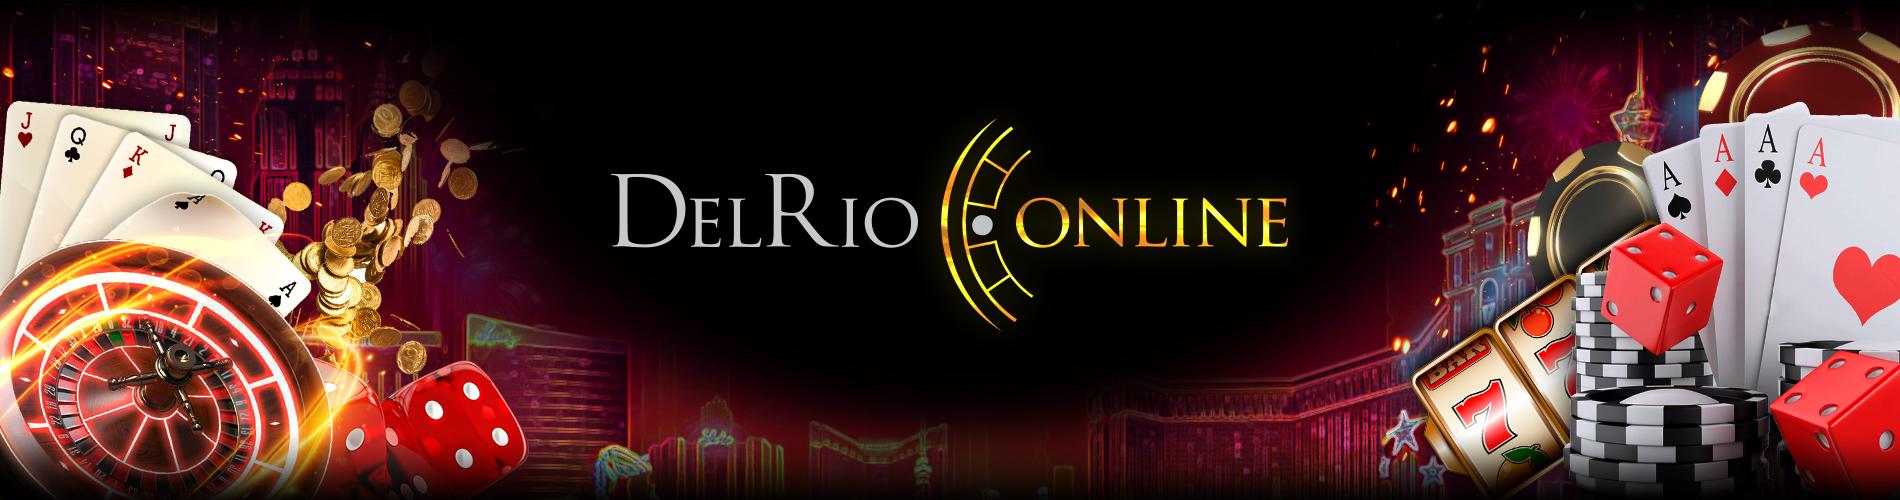 казино рио онлайн